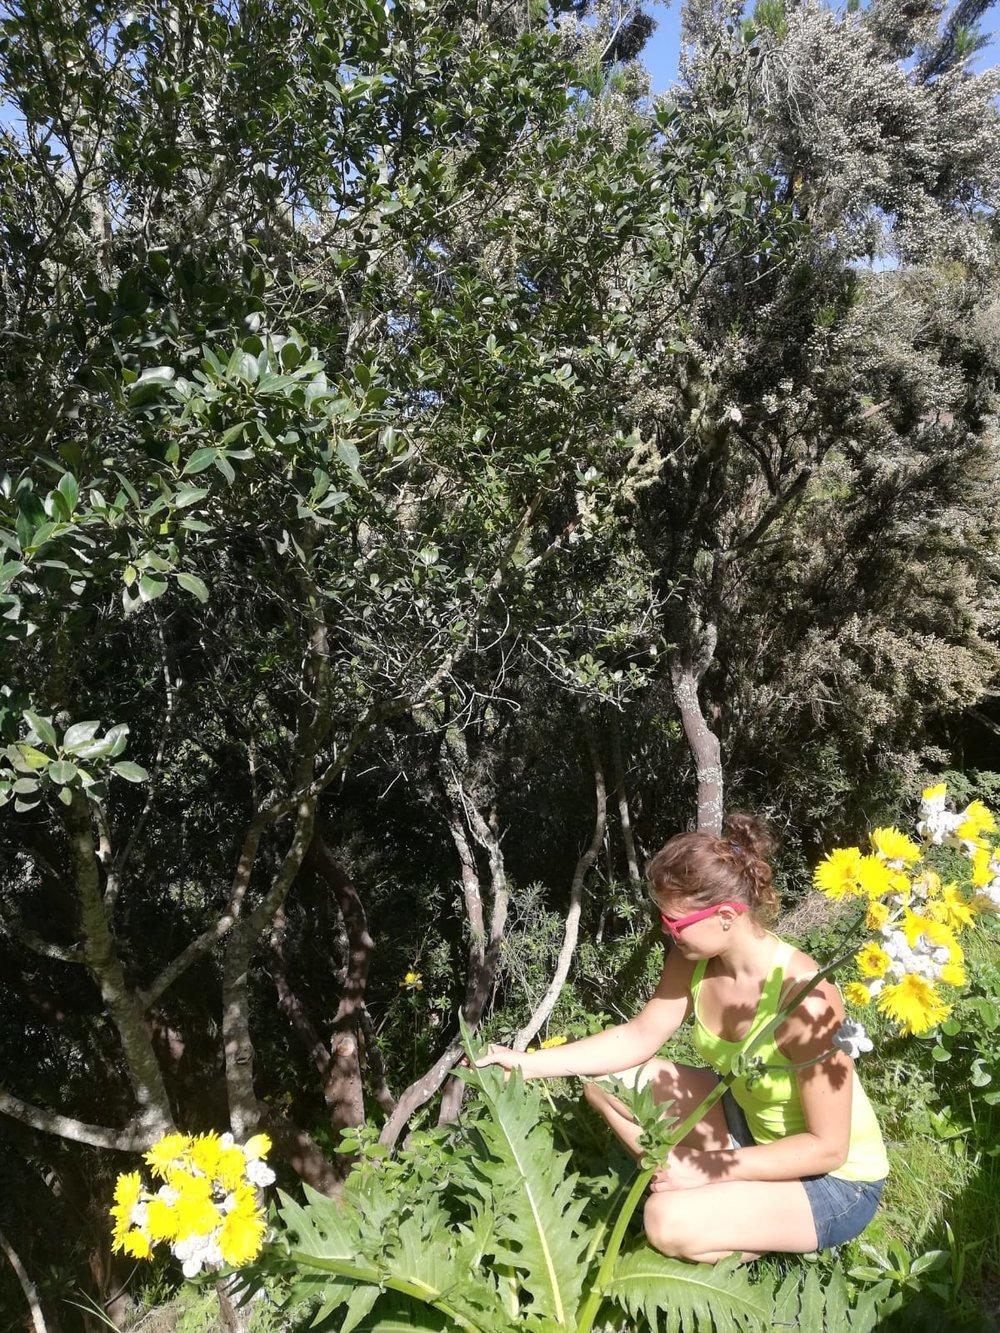 Riesenlöwenzahn - endemisch auf den Canarischen Inseln Teneriffa und Gran Canaria - lat. Sonchus acaulis